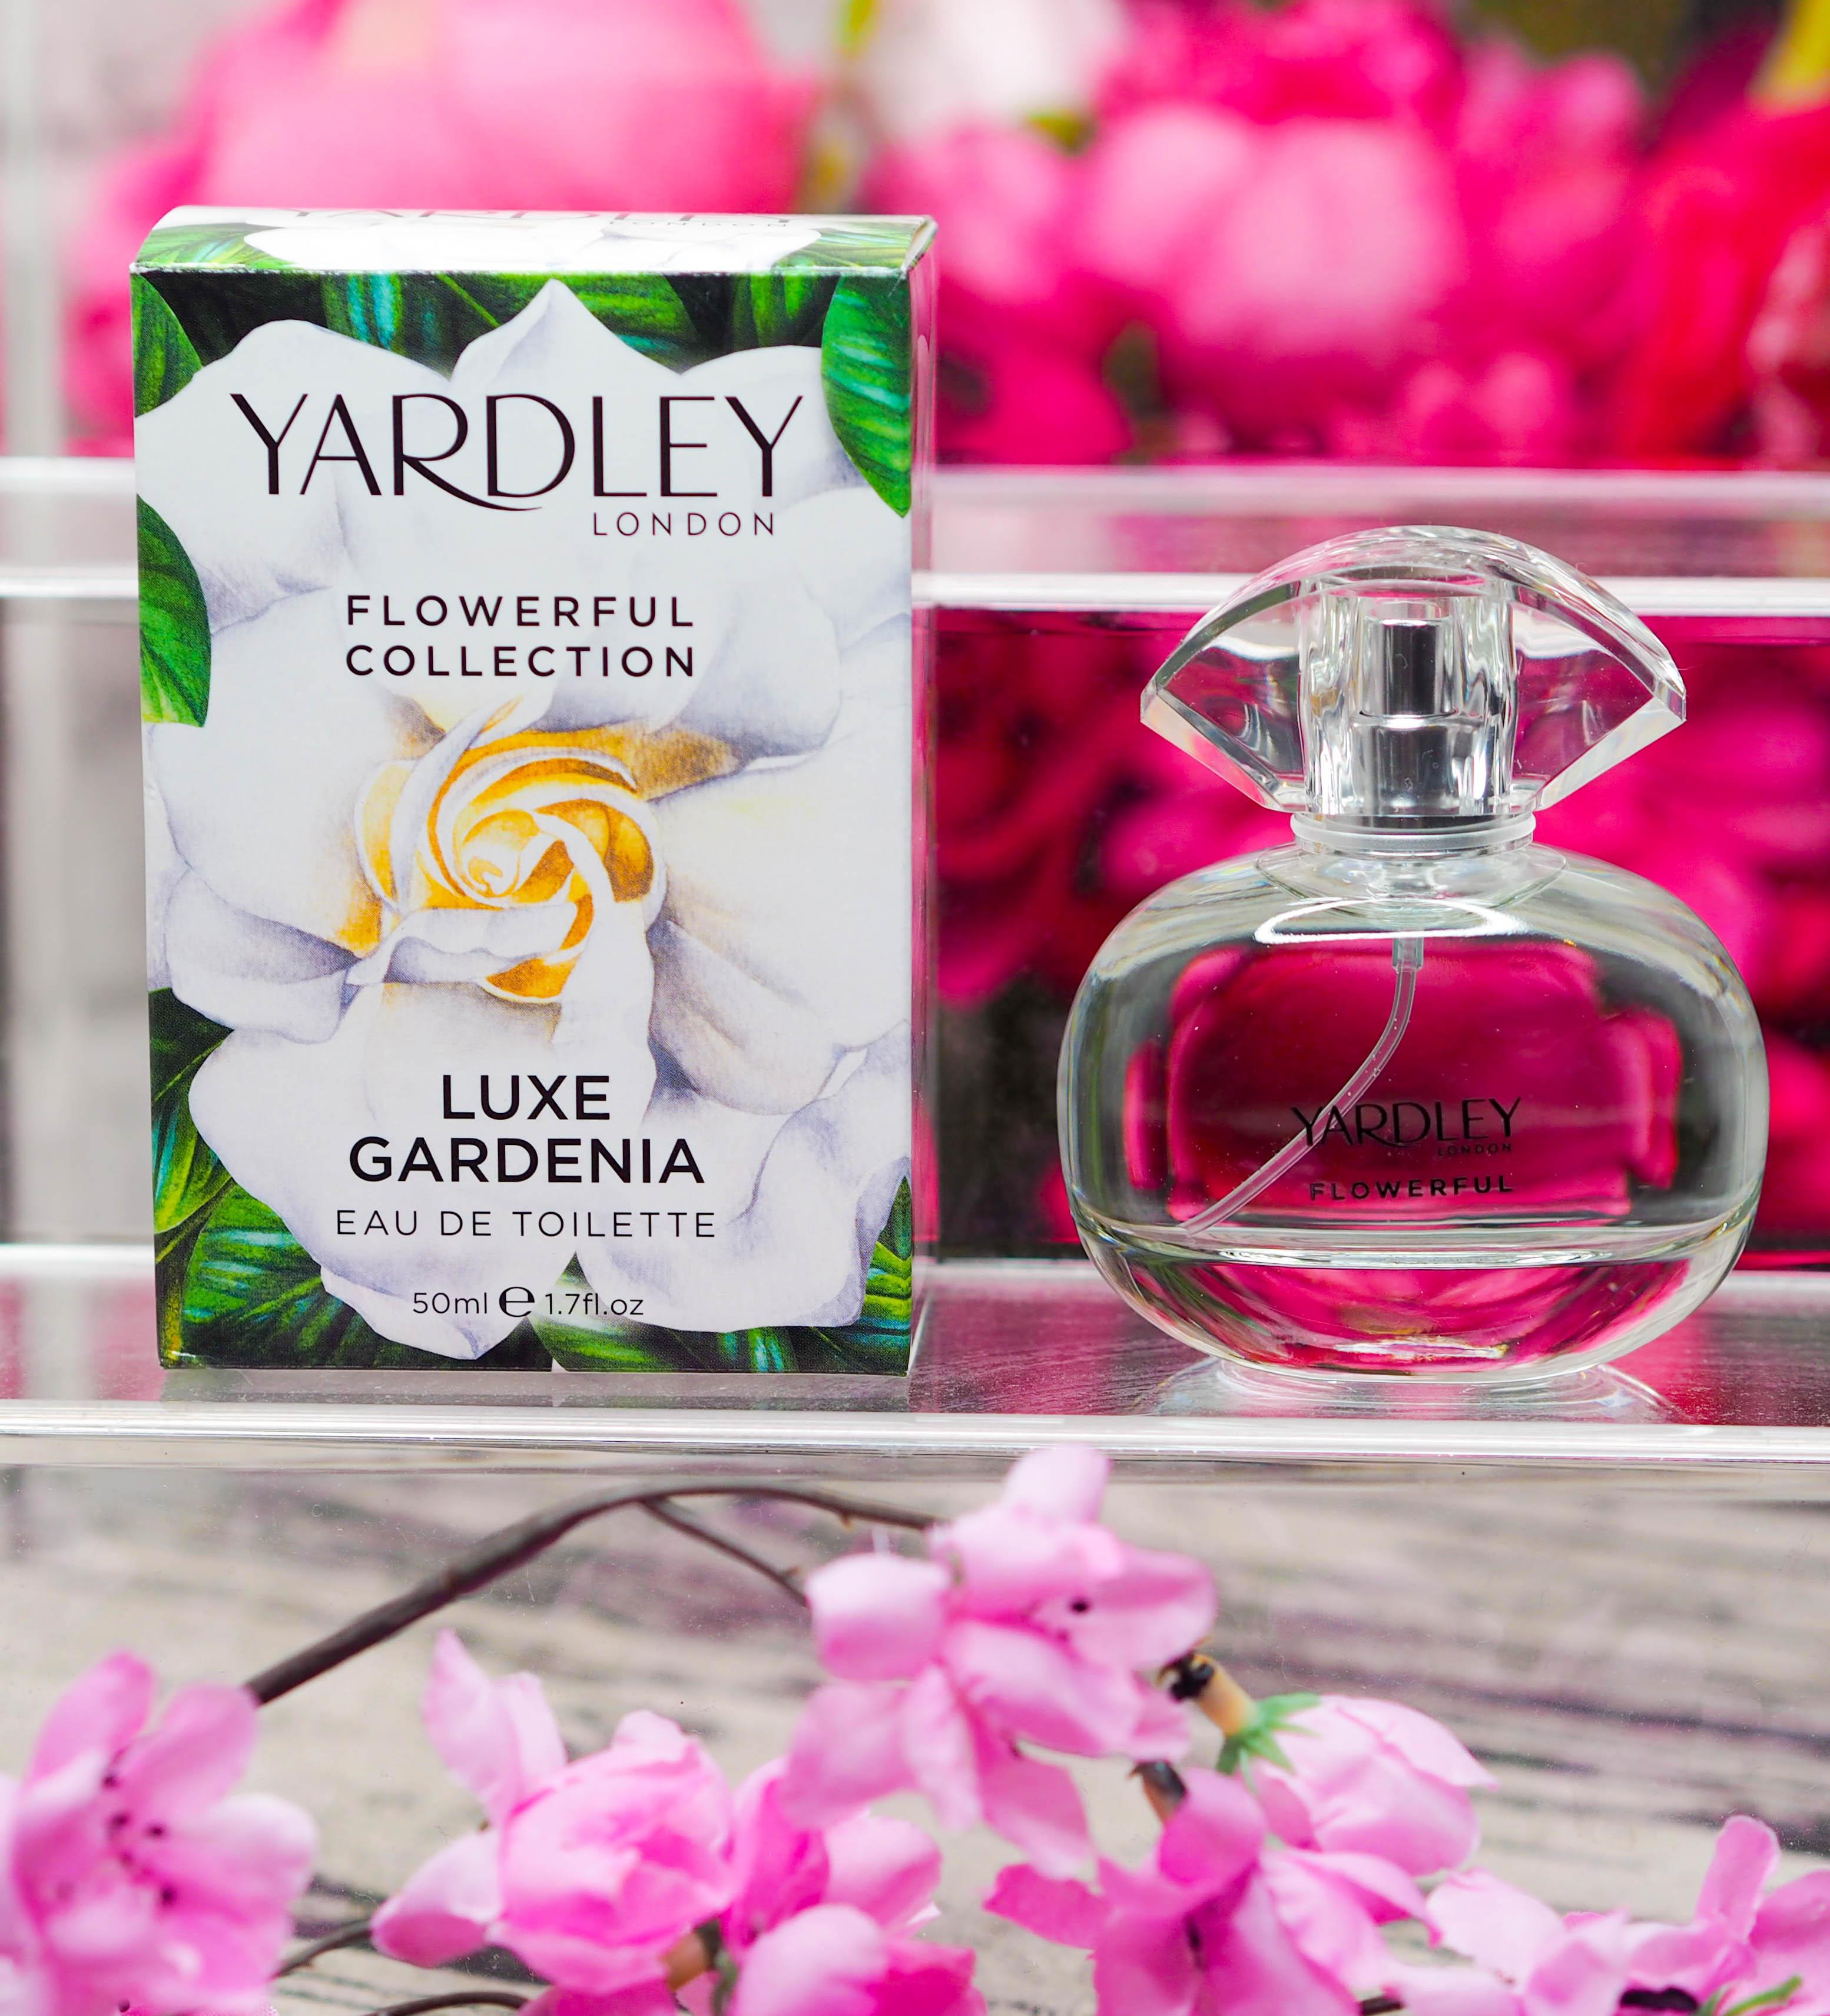 Yardley Luxe Gardenia